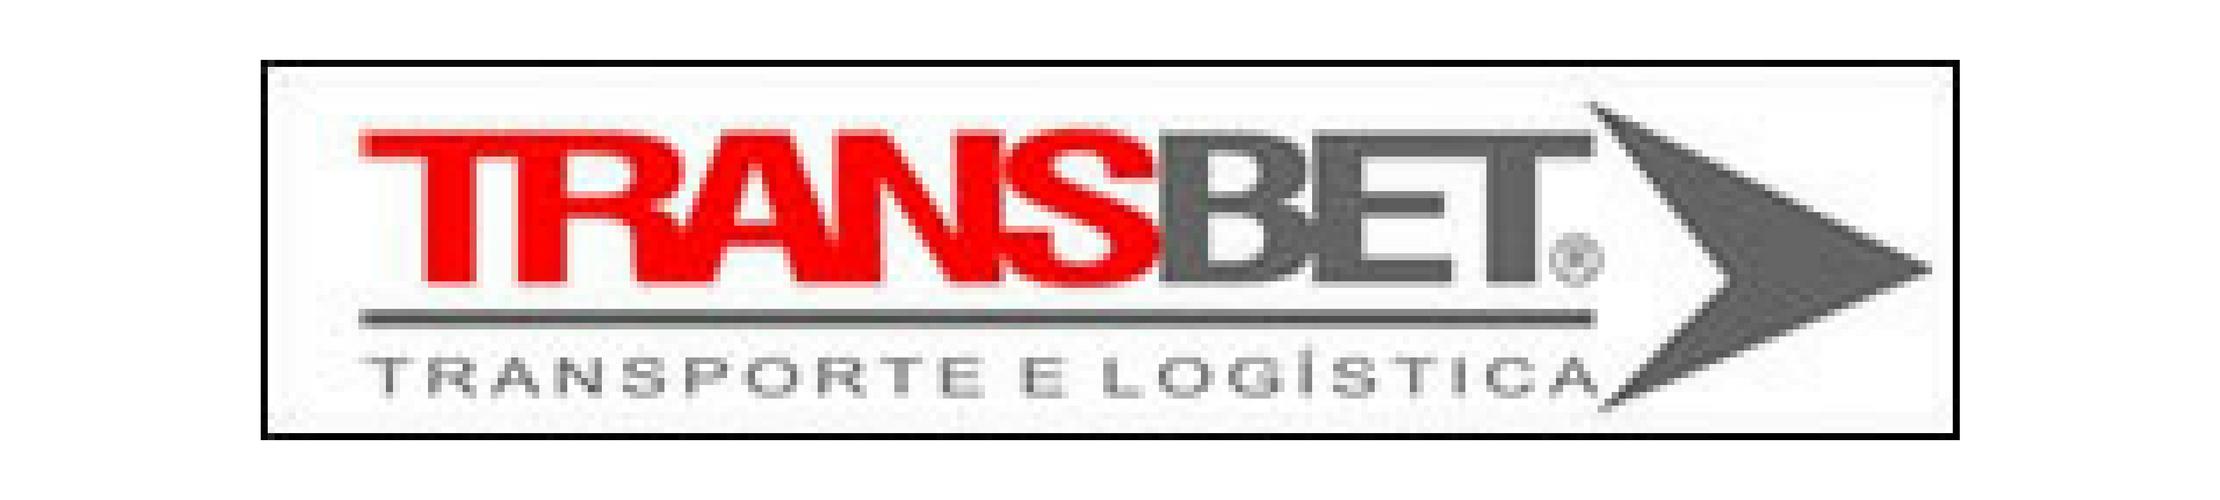 TRANSBET-TRANSPORTES-E-LOGISTICA-logo.png